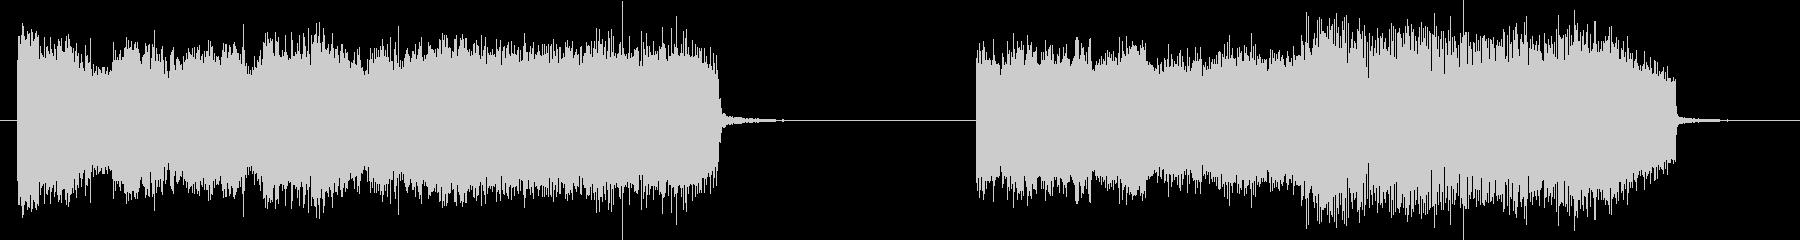 フィクション 電力装置 歪み01の未再生の波形